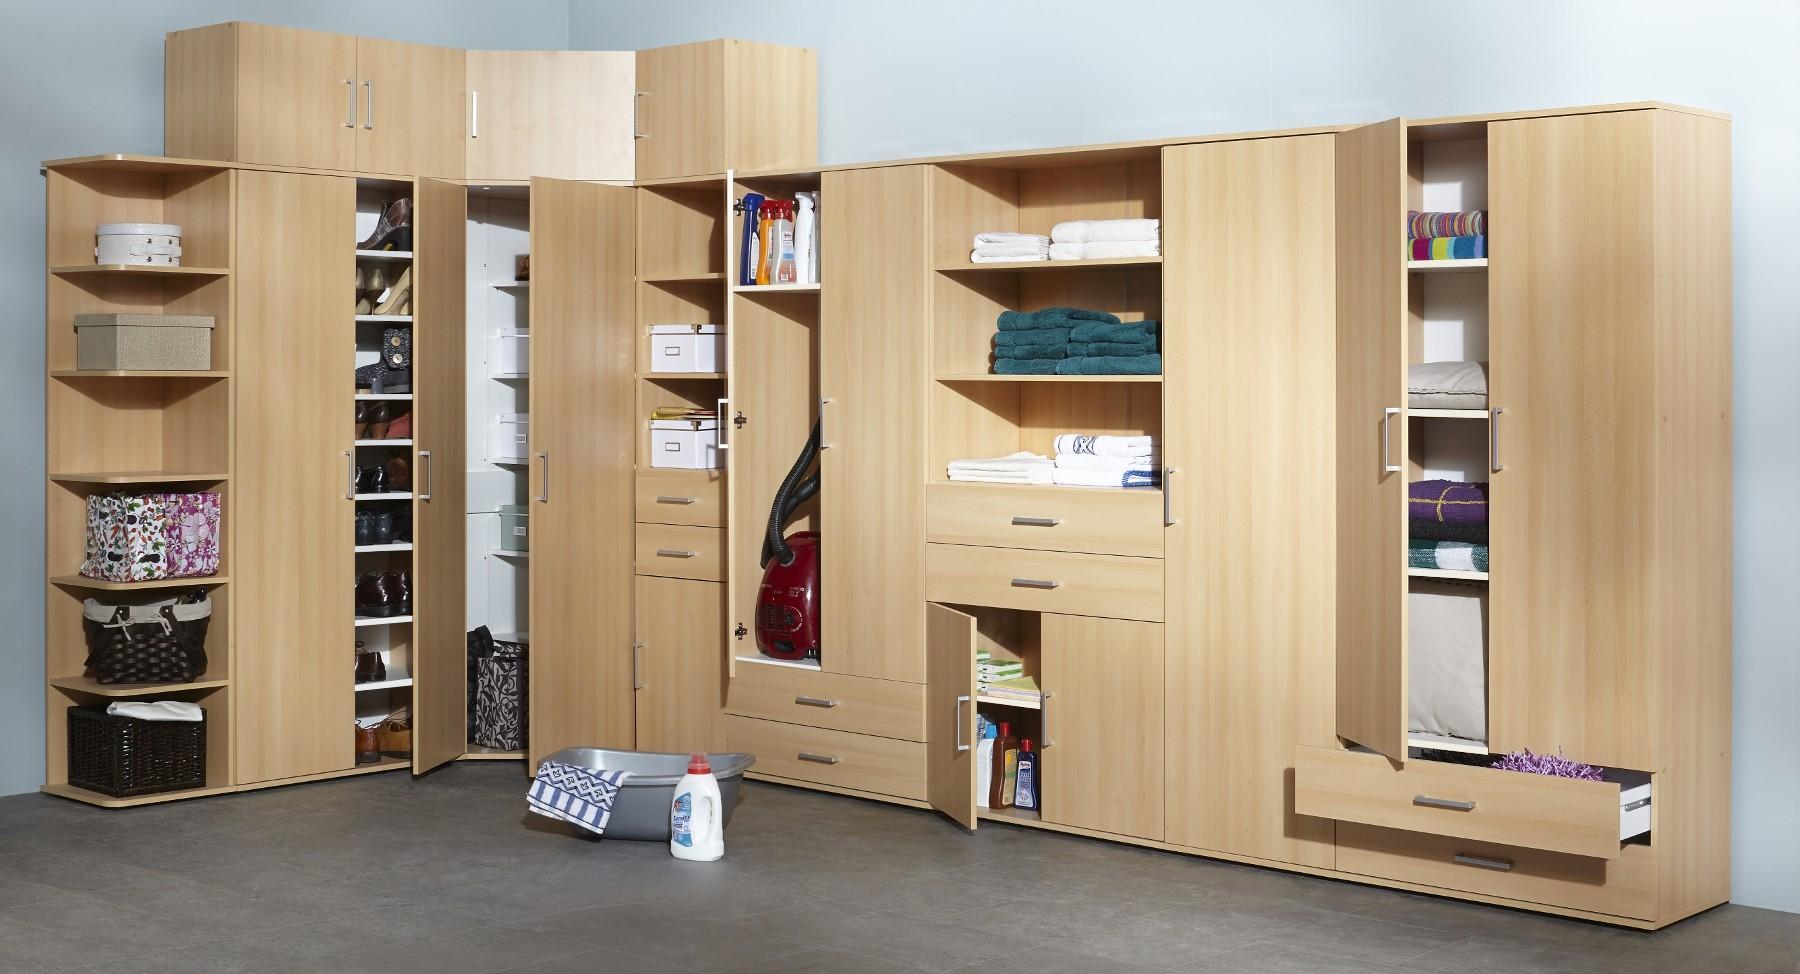 aufsatzschrank ronny mehrzweckschrank system 2 t rig buche wohnen mehrzweckschr nke. Black Bedroom Furniture Sets. Home Design Ideas